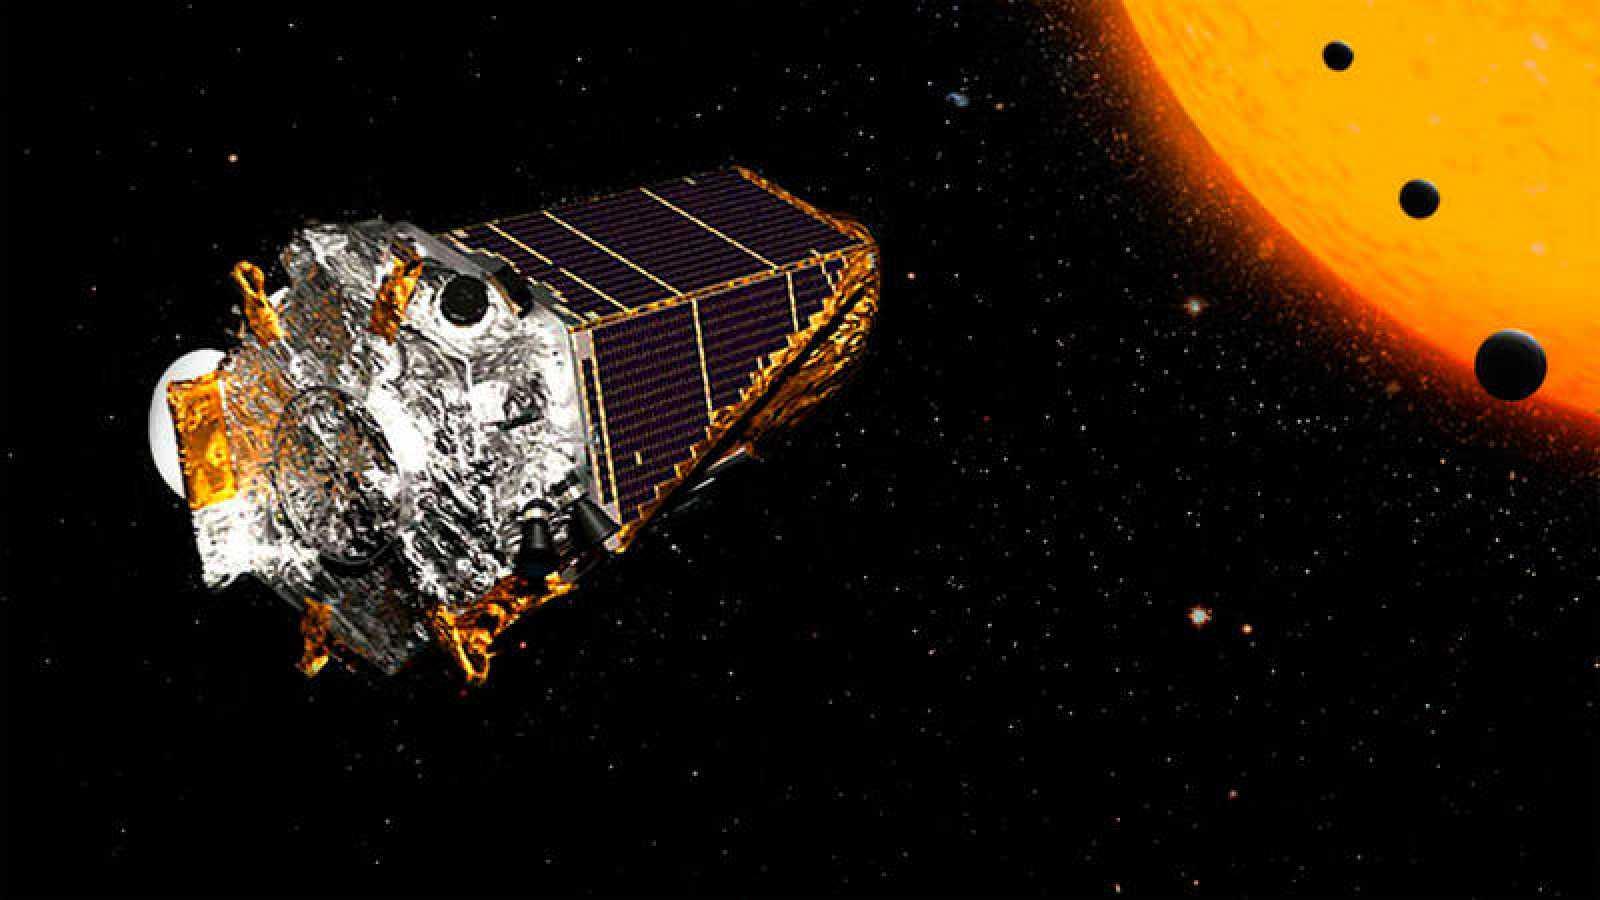 El telescopio espacial Kepler ha descubierto más de 2.600 exoplanetas y ha analizado hasta 50.000 estrellas.